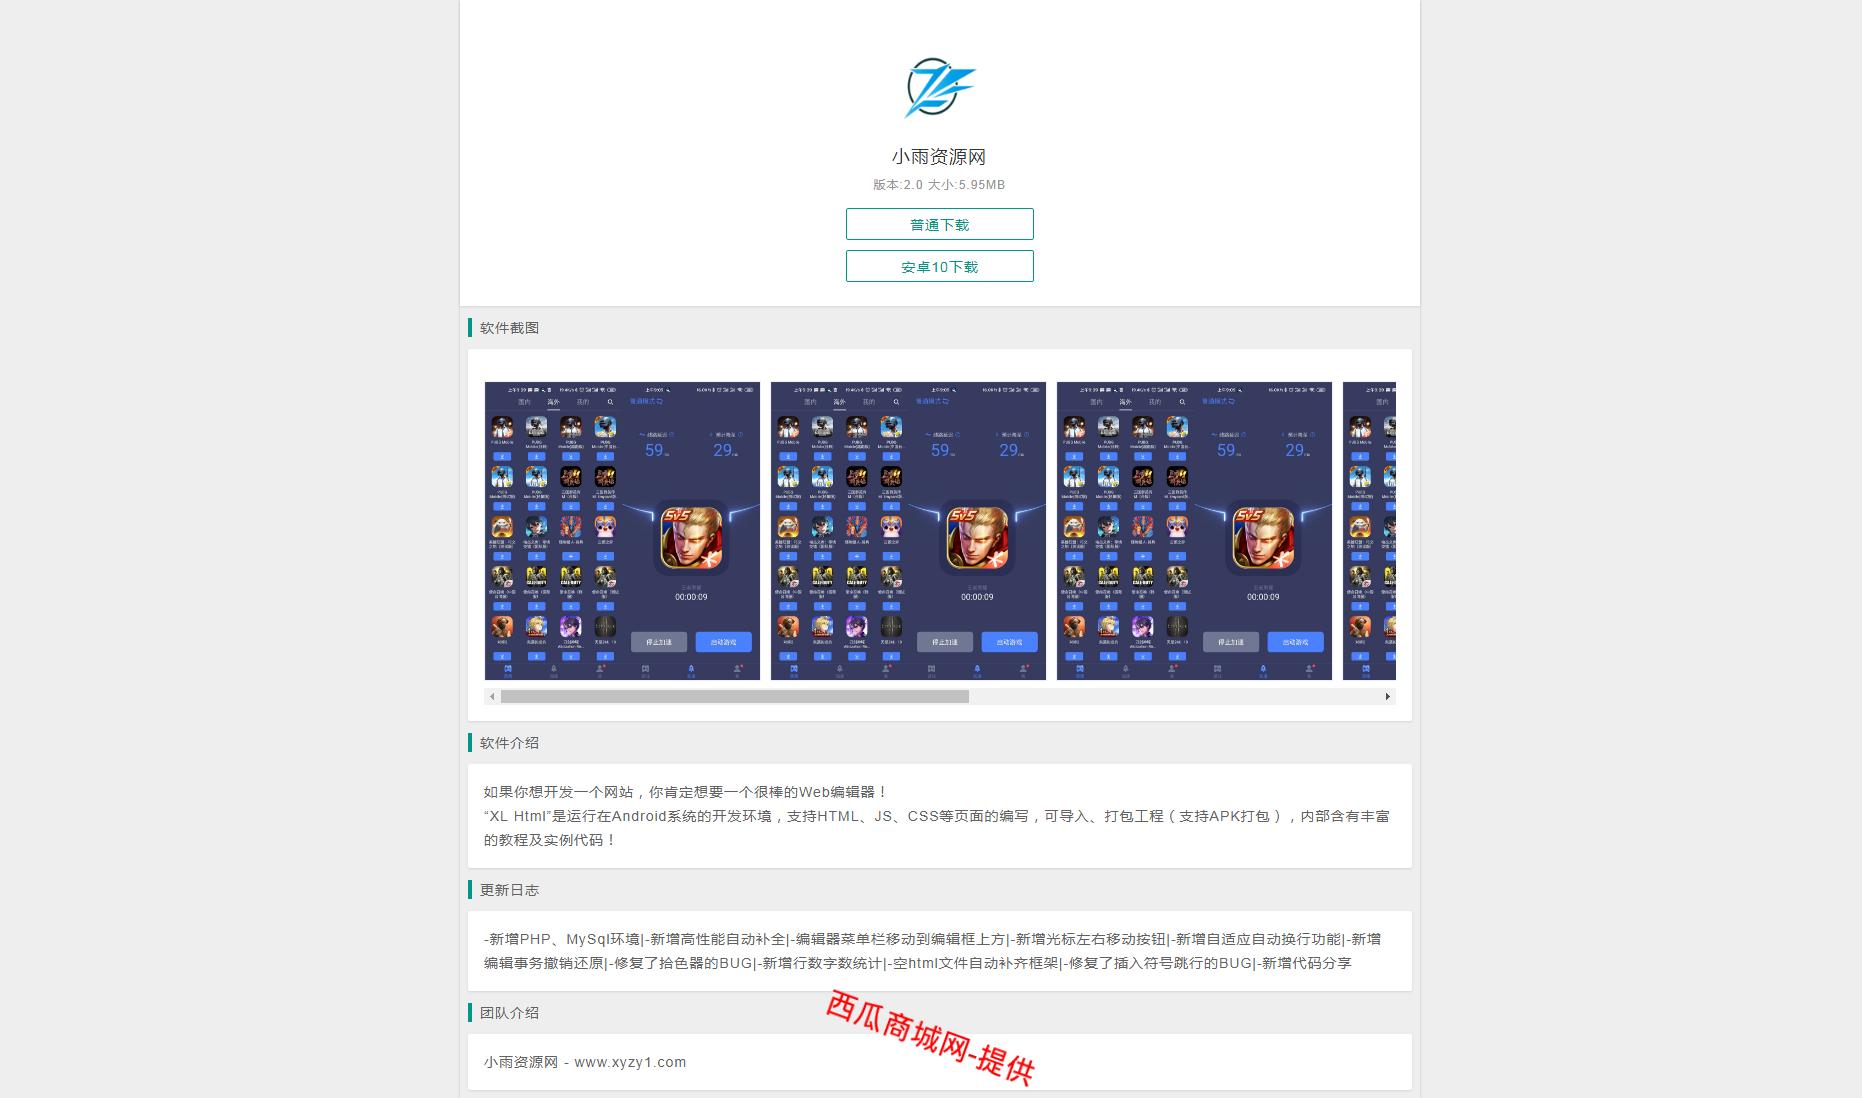 20200325131243_326706.png qq皇族馆-简洁的安卓软件下载页源码0-qq皇族馆  qq皇族馆 第1张